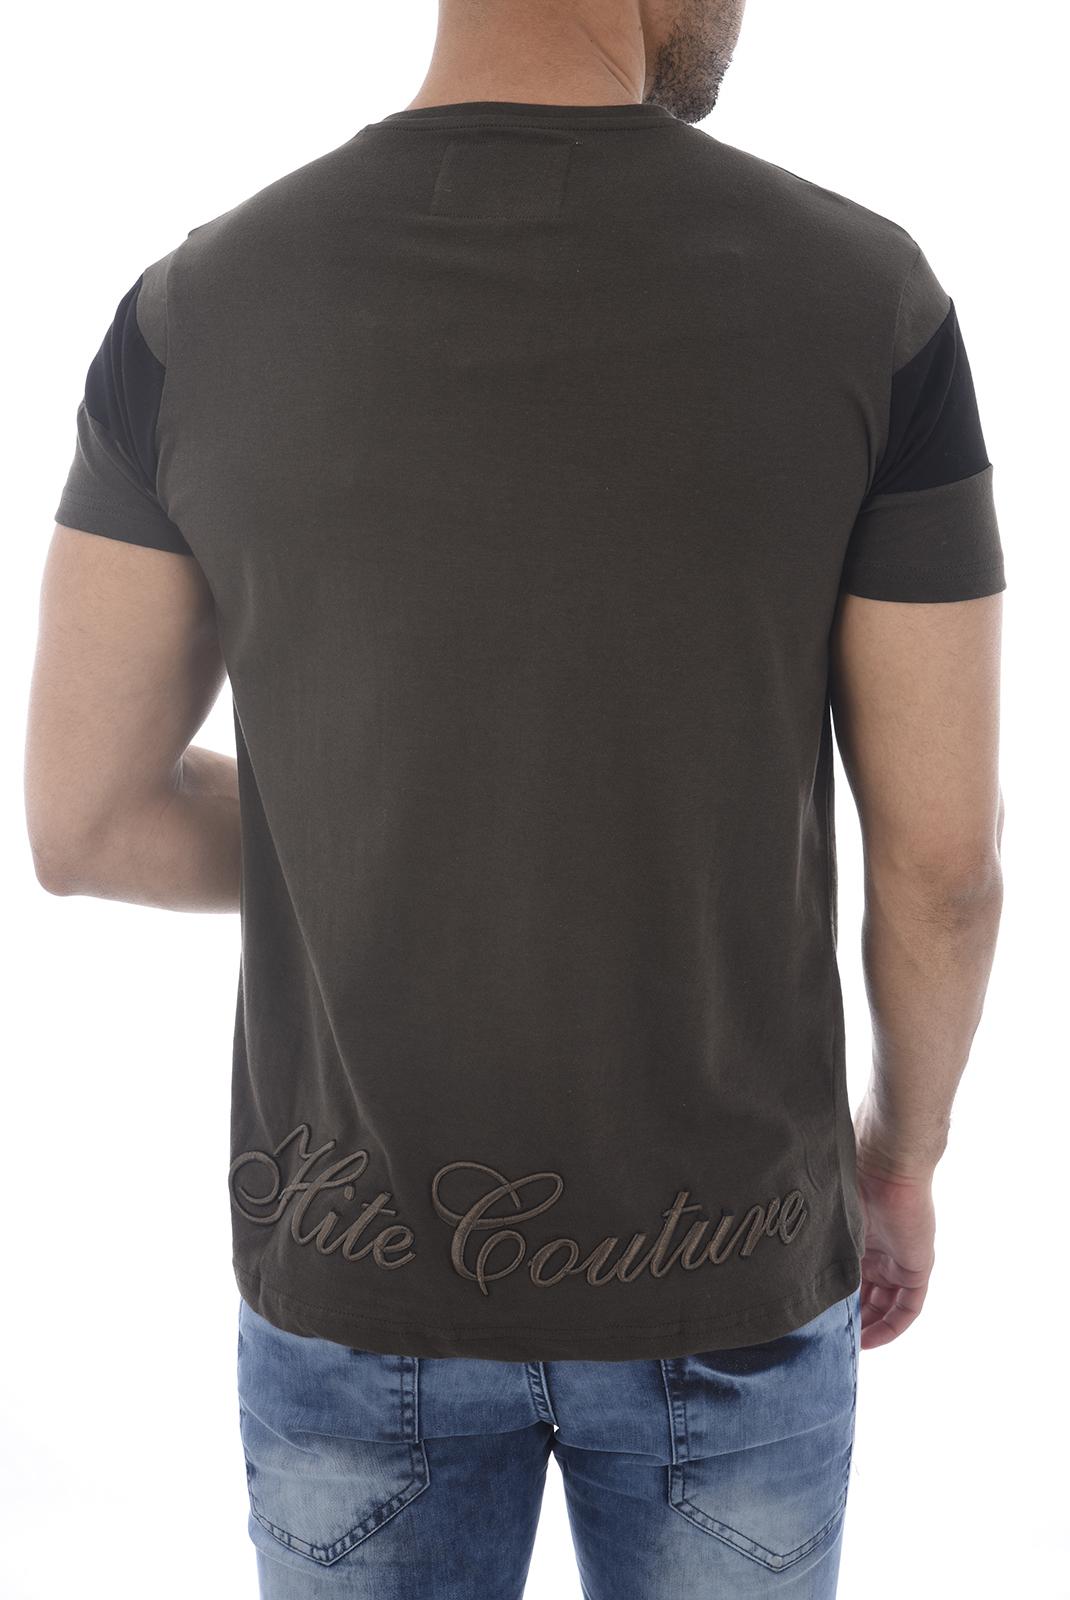 Tee-shirts  Hite couture MIXER KAKI